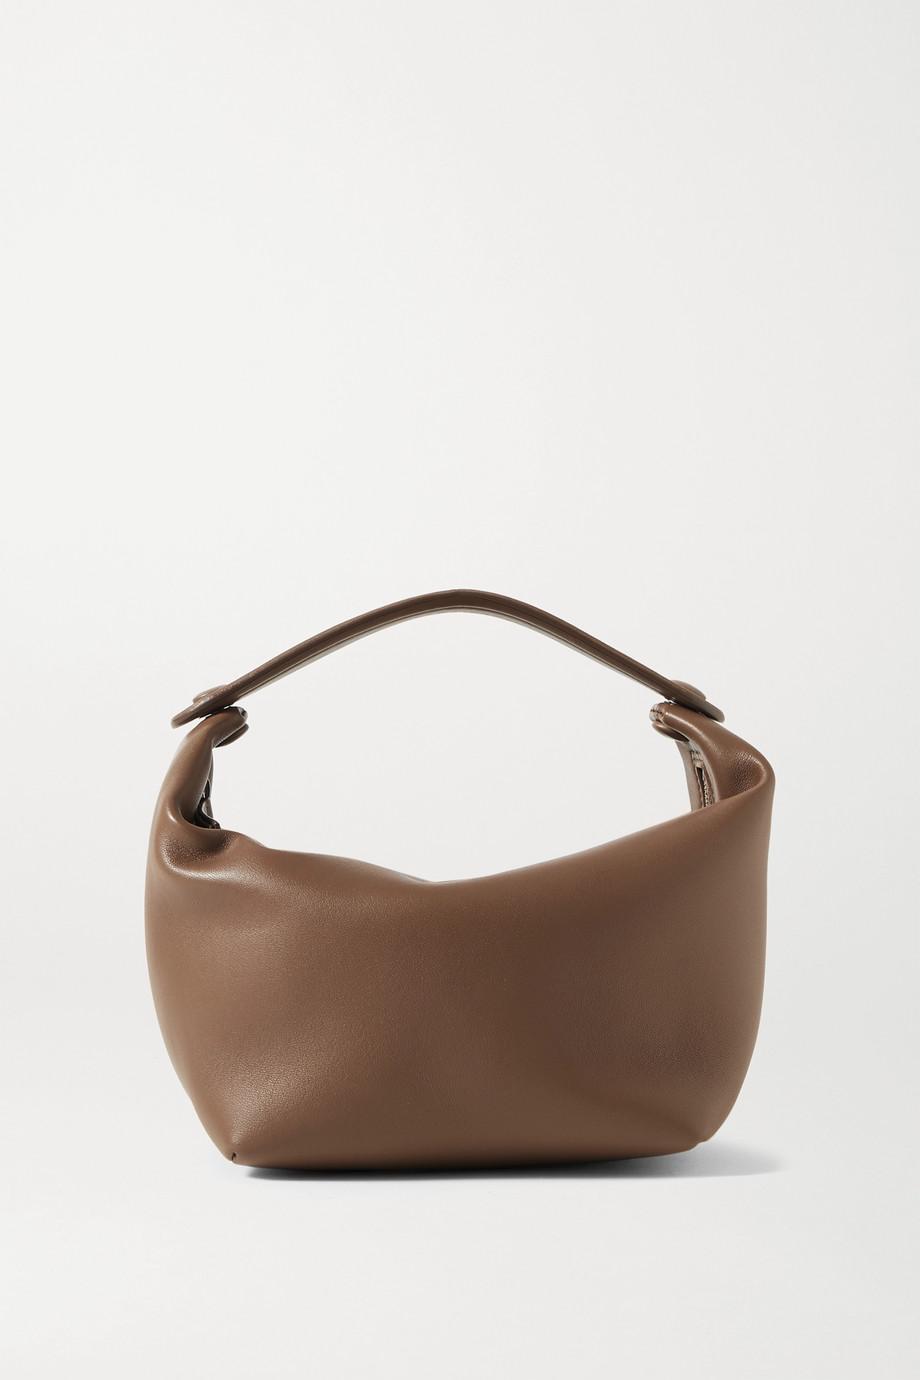 The Row Les Bains mini leather tote